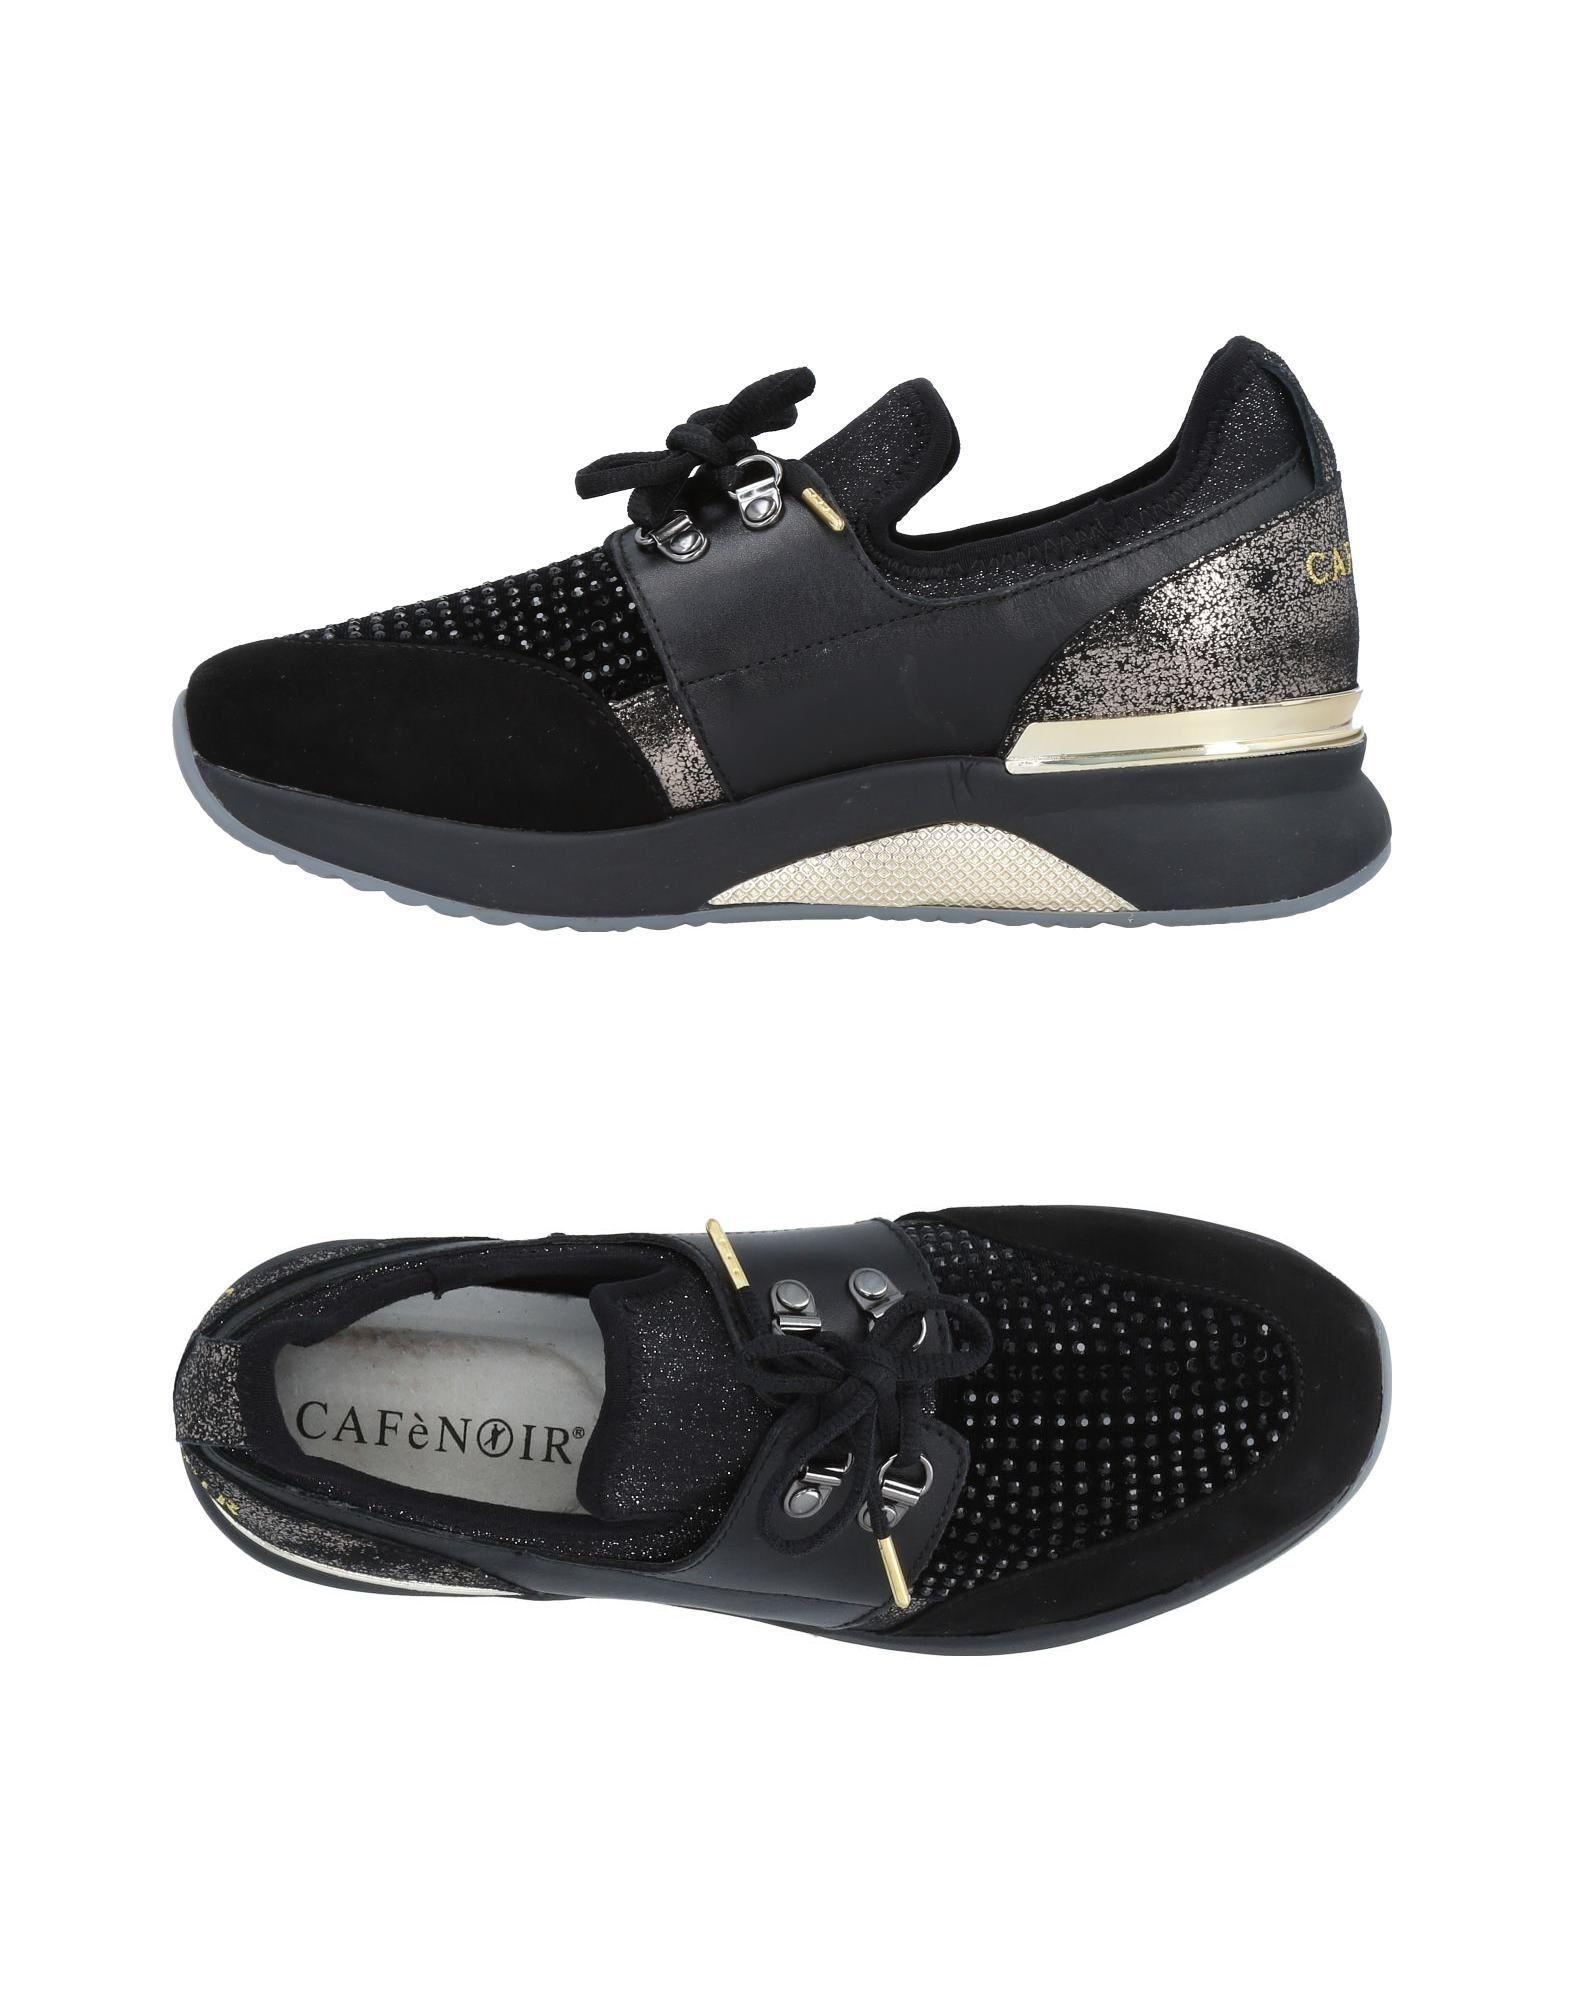 Cafènoir Gute Sneakers Damen  11478397UJ Gute Cafènoir Qualität beliebte Schuhe 56b19a